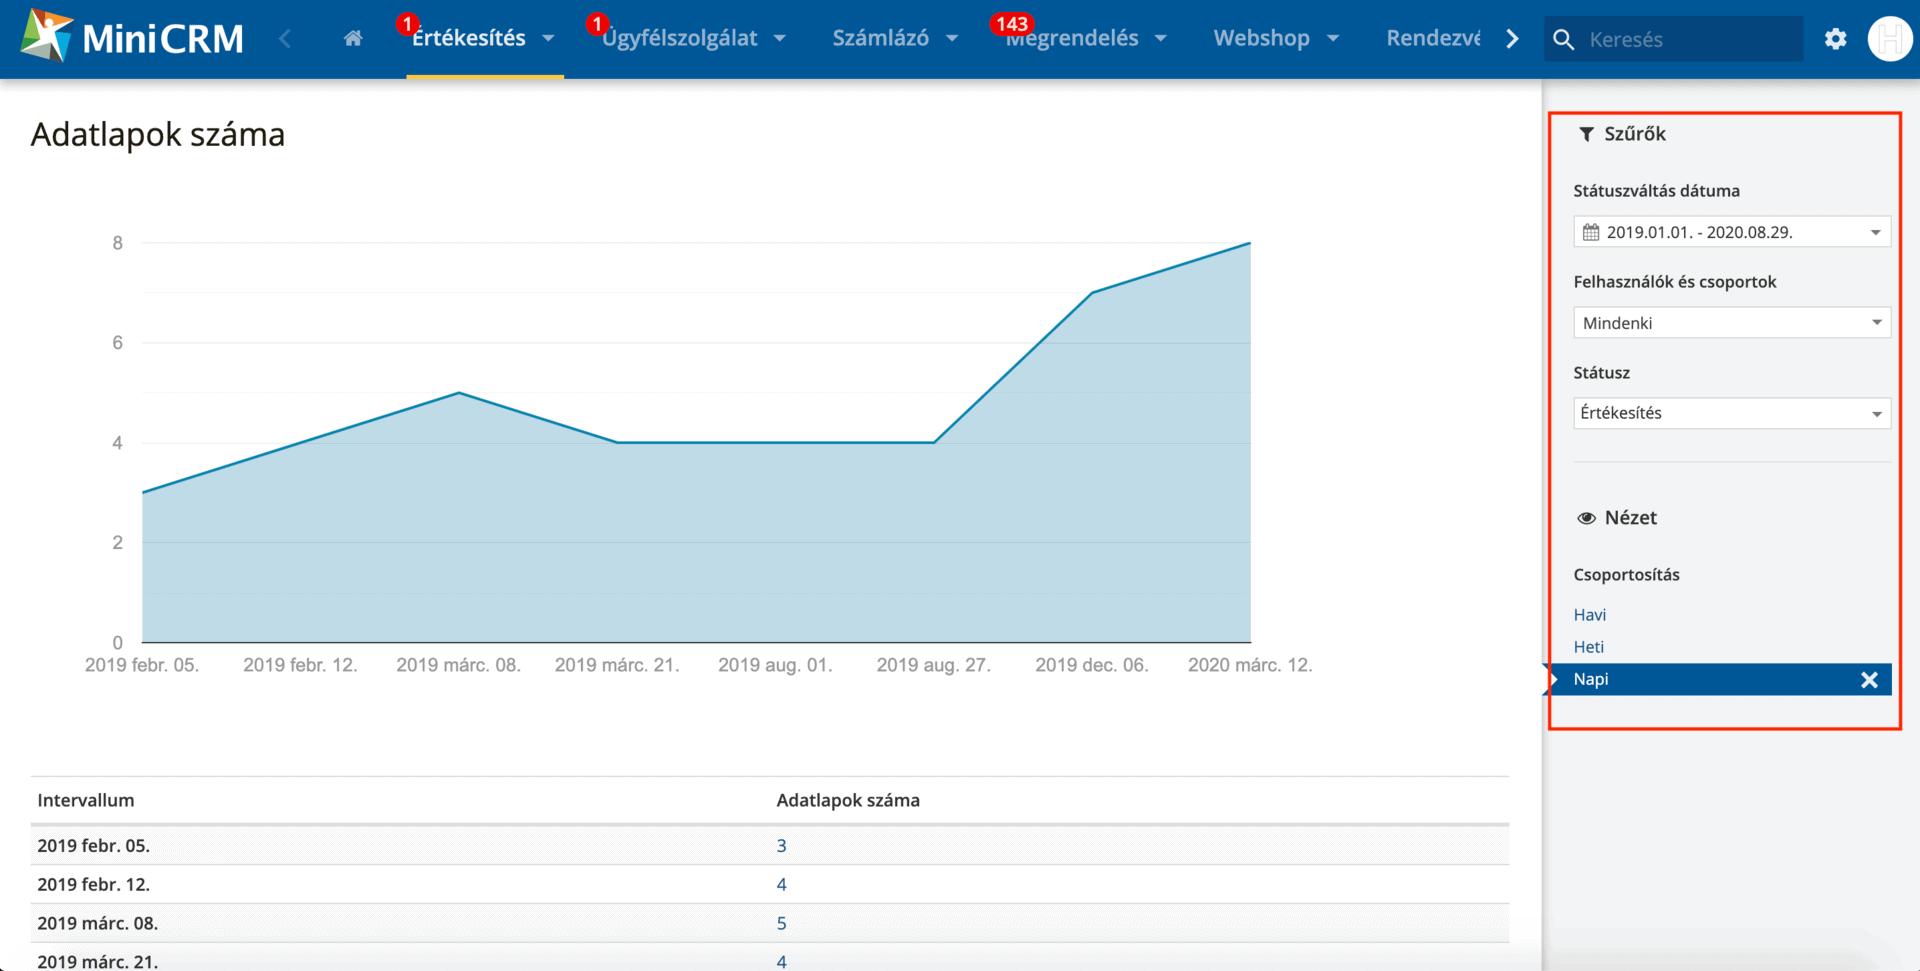 adatlapok száma